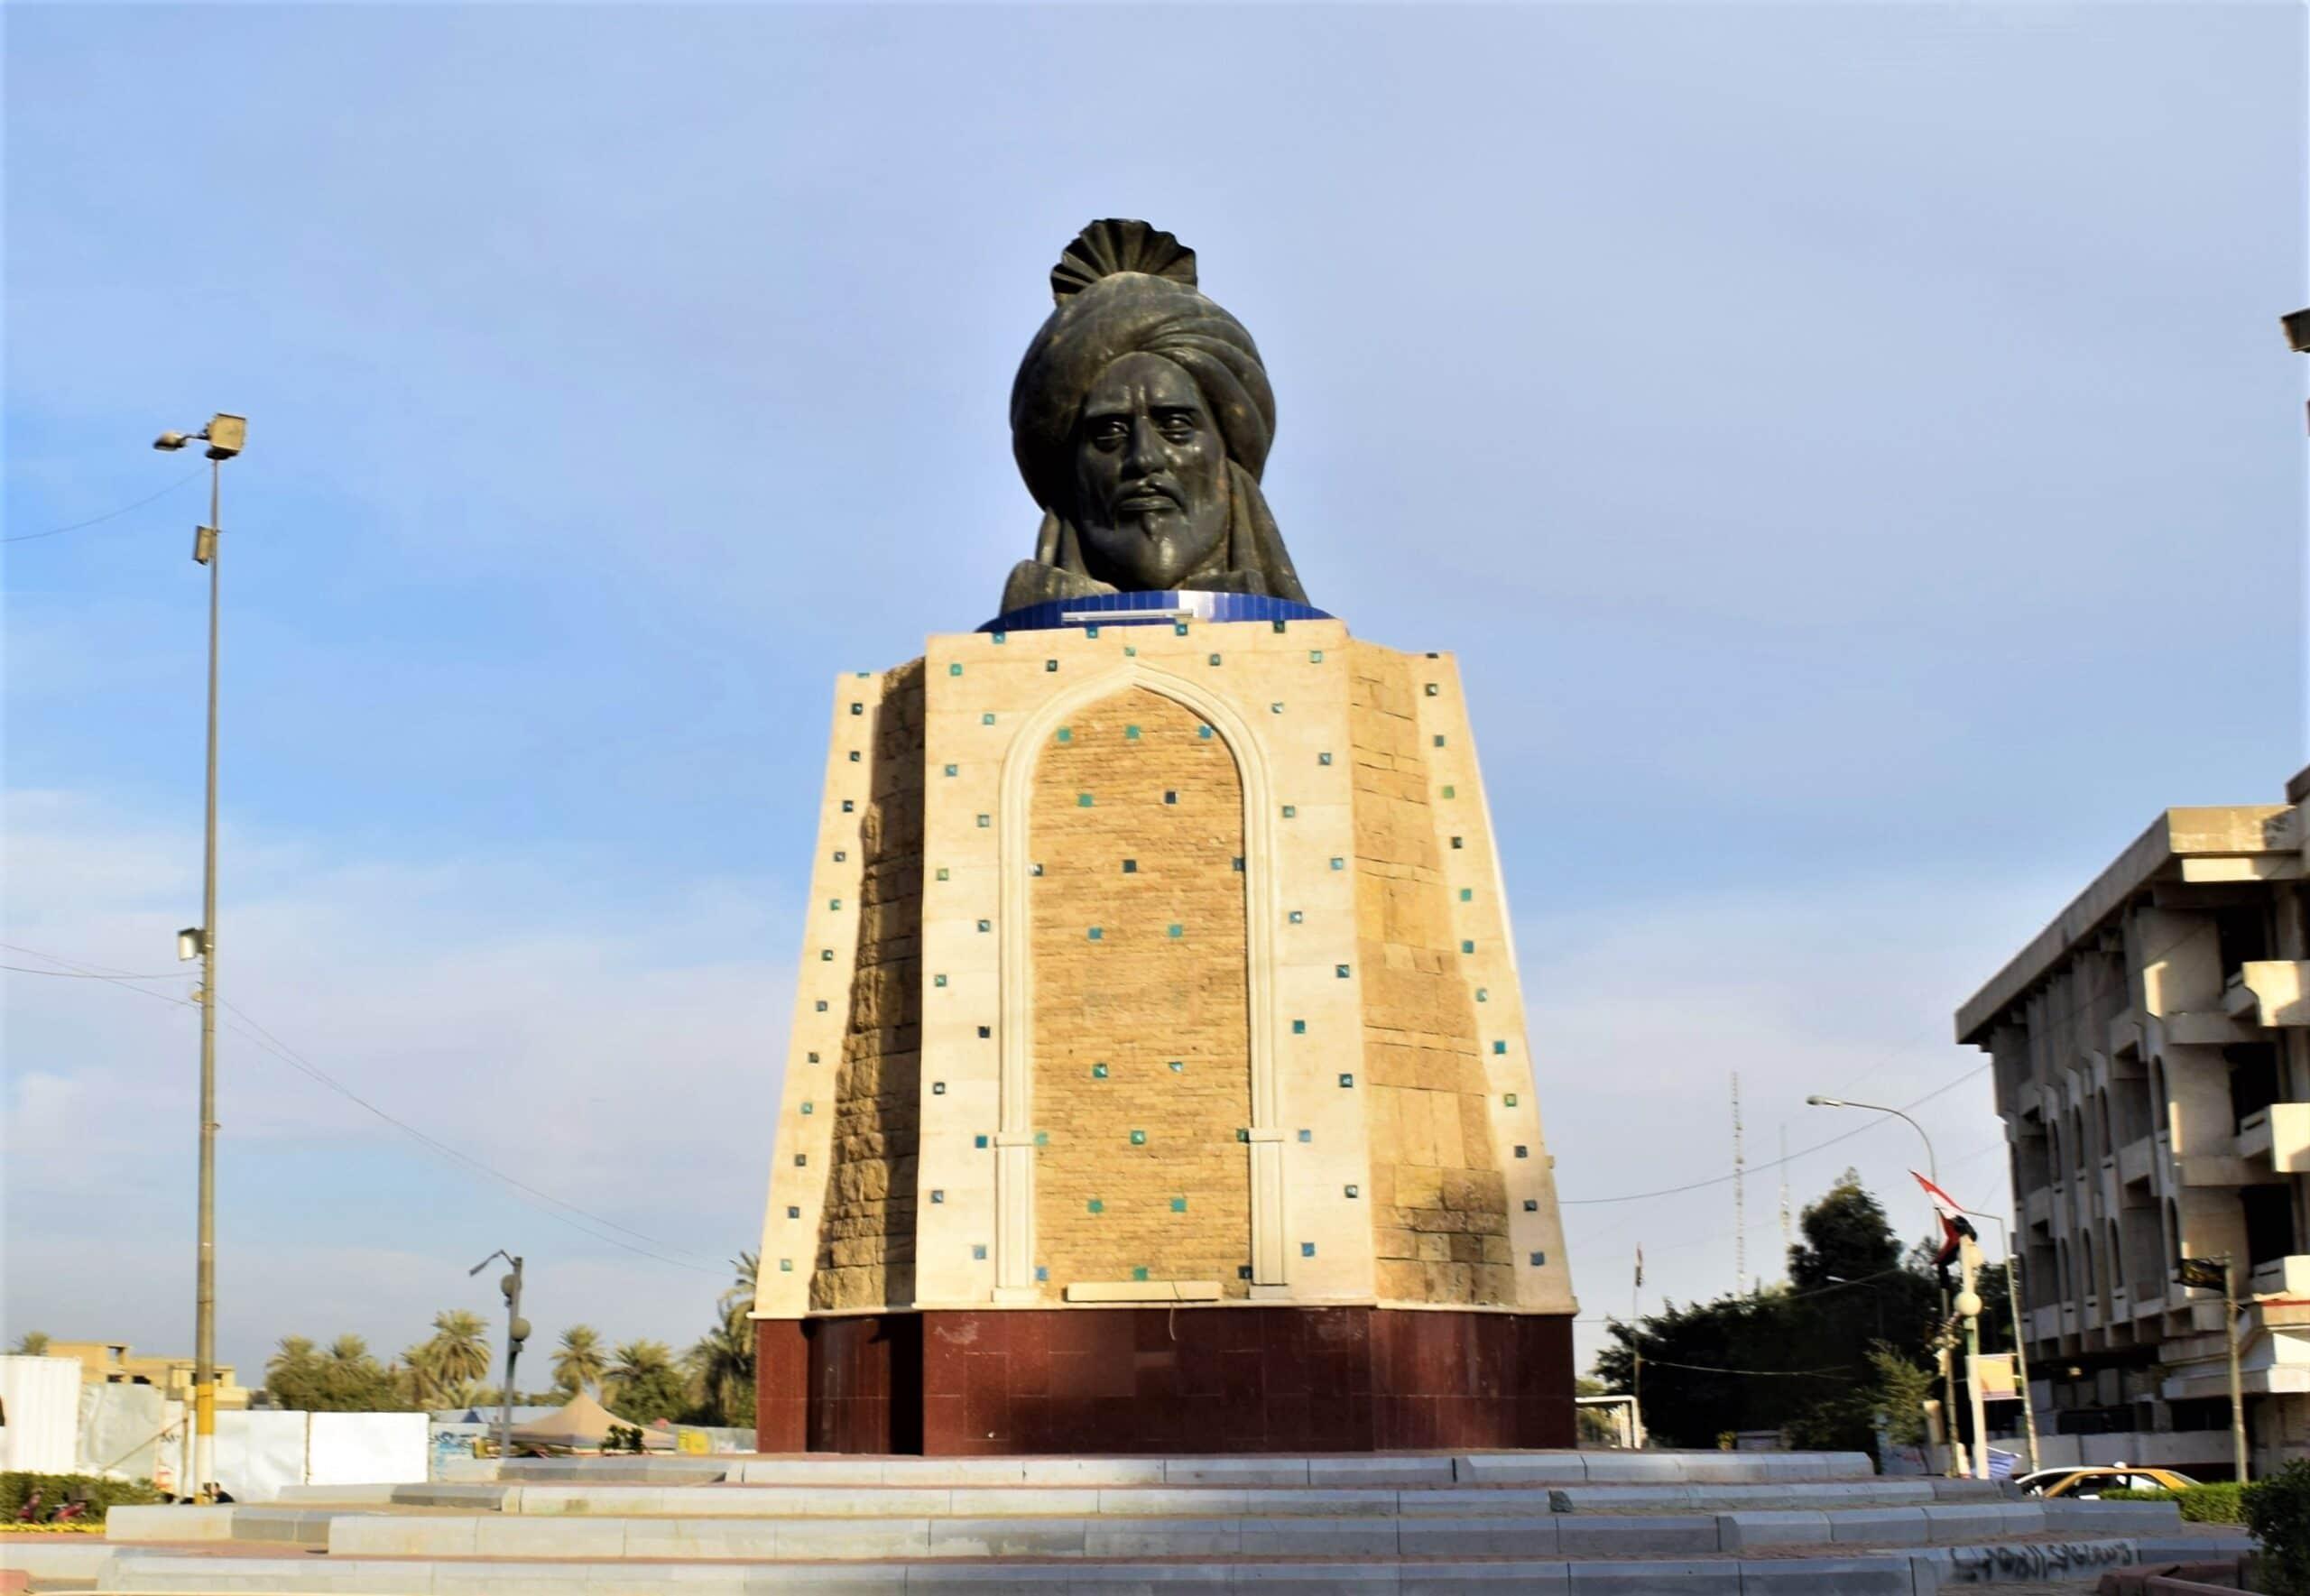 عراقيون شيعة يطلقون حملة لتحطيم تمثال الخليفة العباسي أبو جعفر المنصور في بغداد